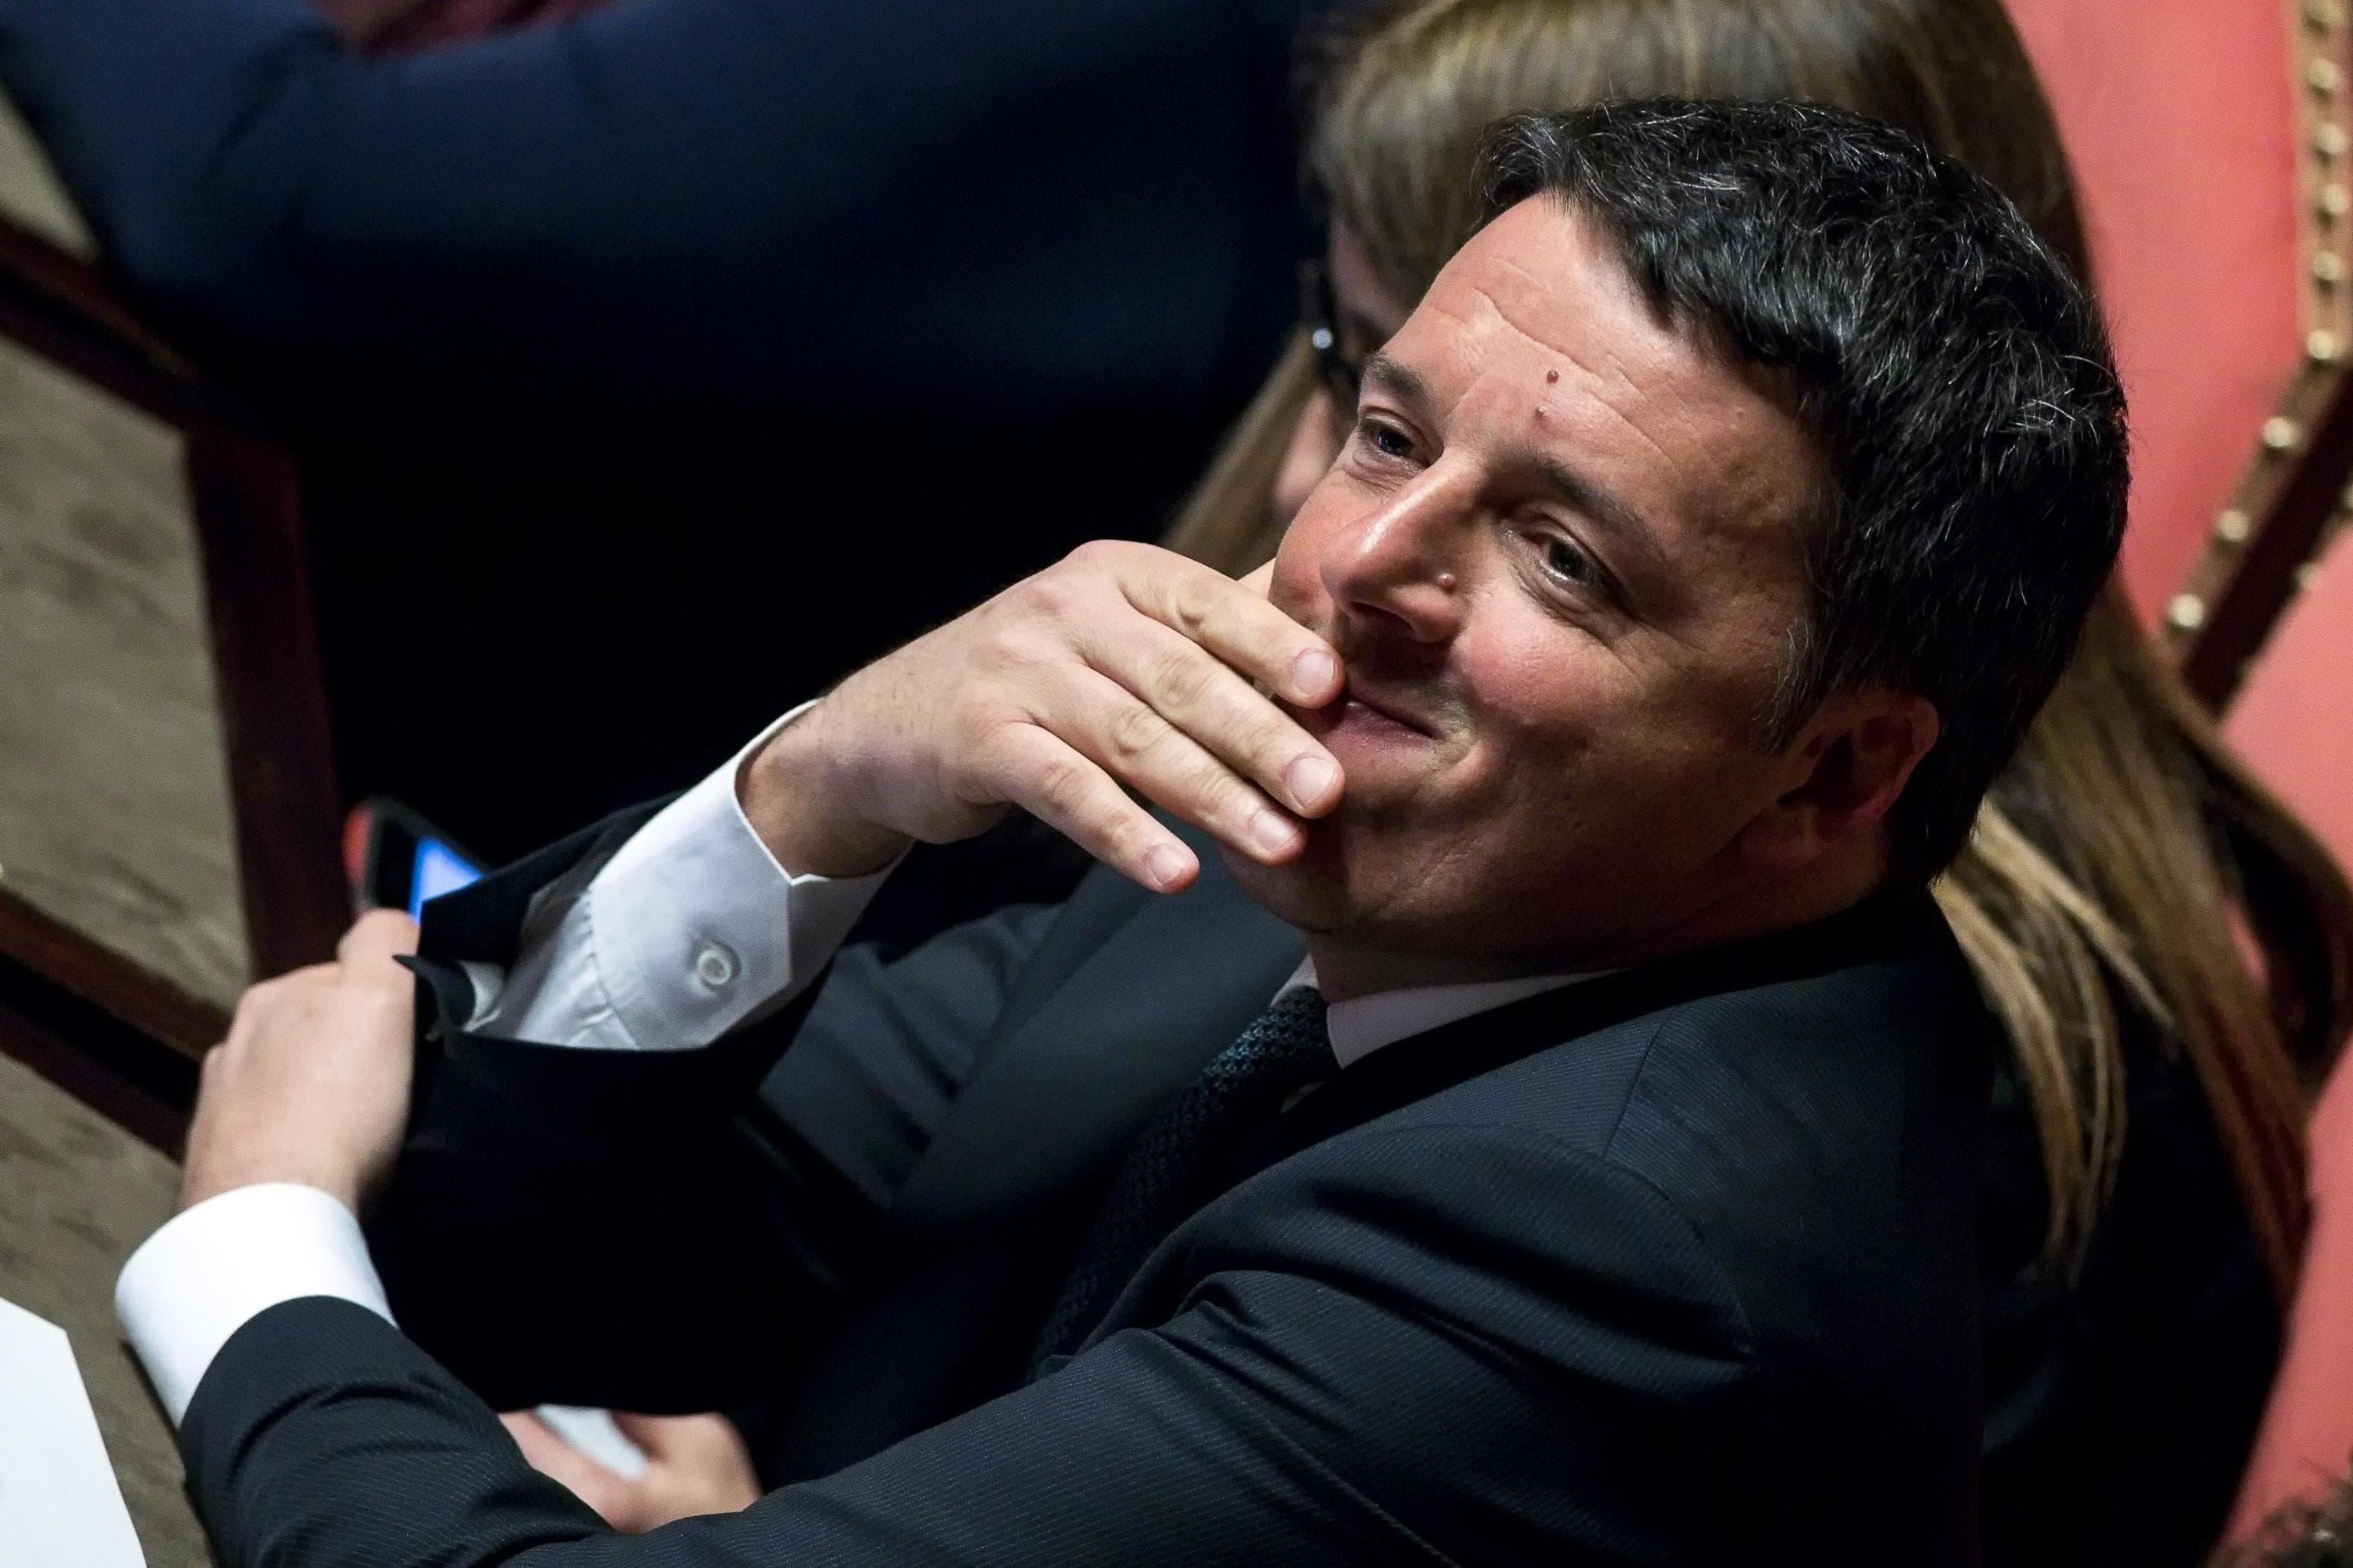 Matteo Renzi durante l'informativa del presidente del consiglio Paolo Gentiloni in aula al Senato sulla situazione in Siria, Roma, 17 aprile 2018. ANSA/ANGELO CARCONI